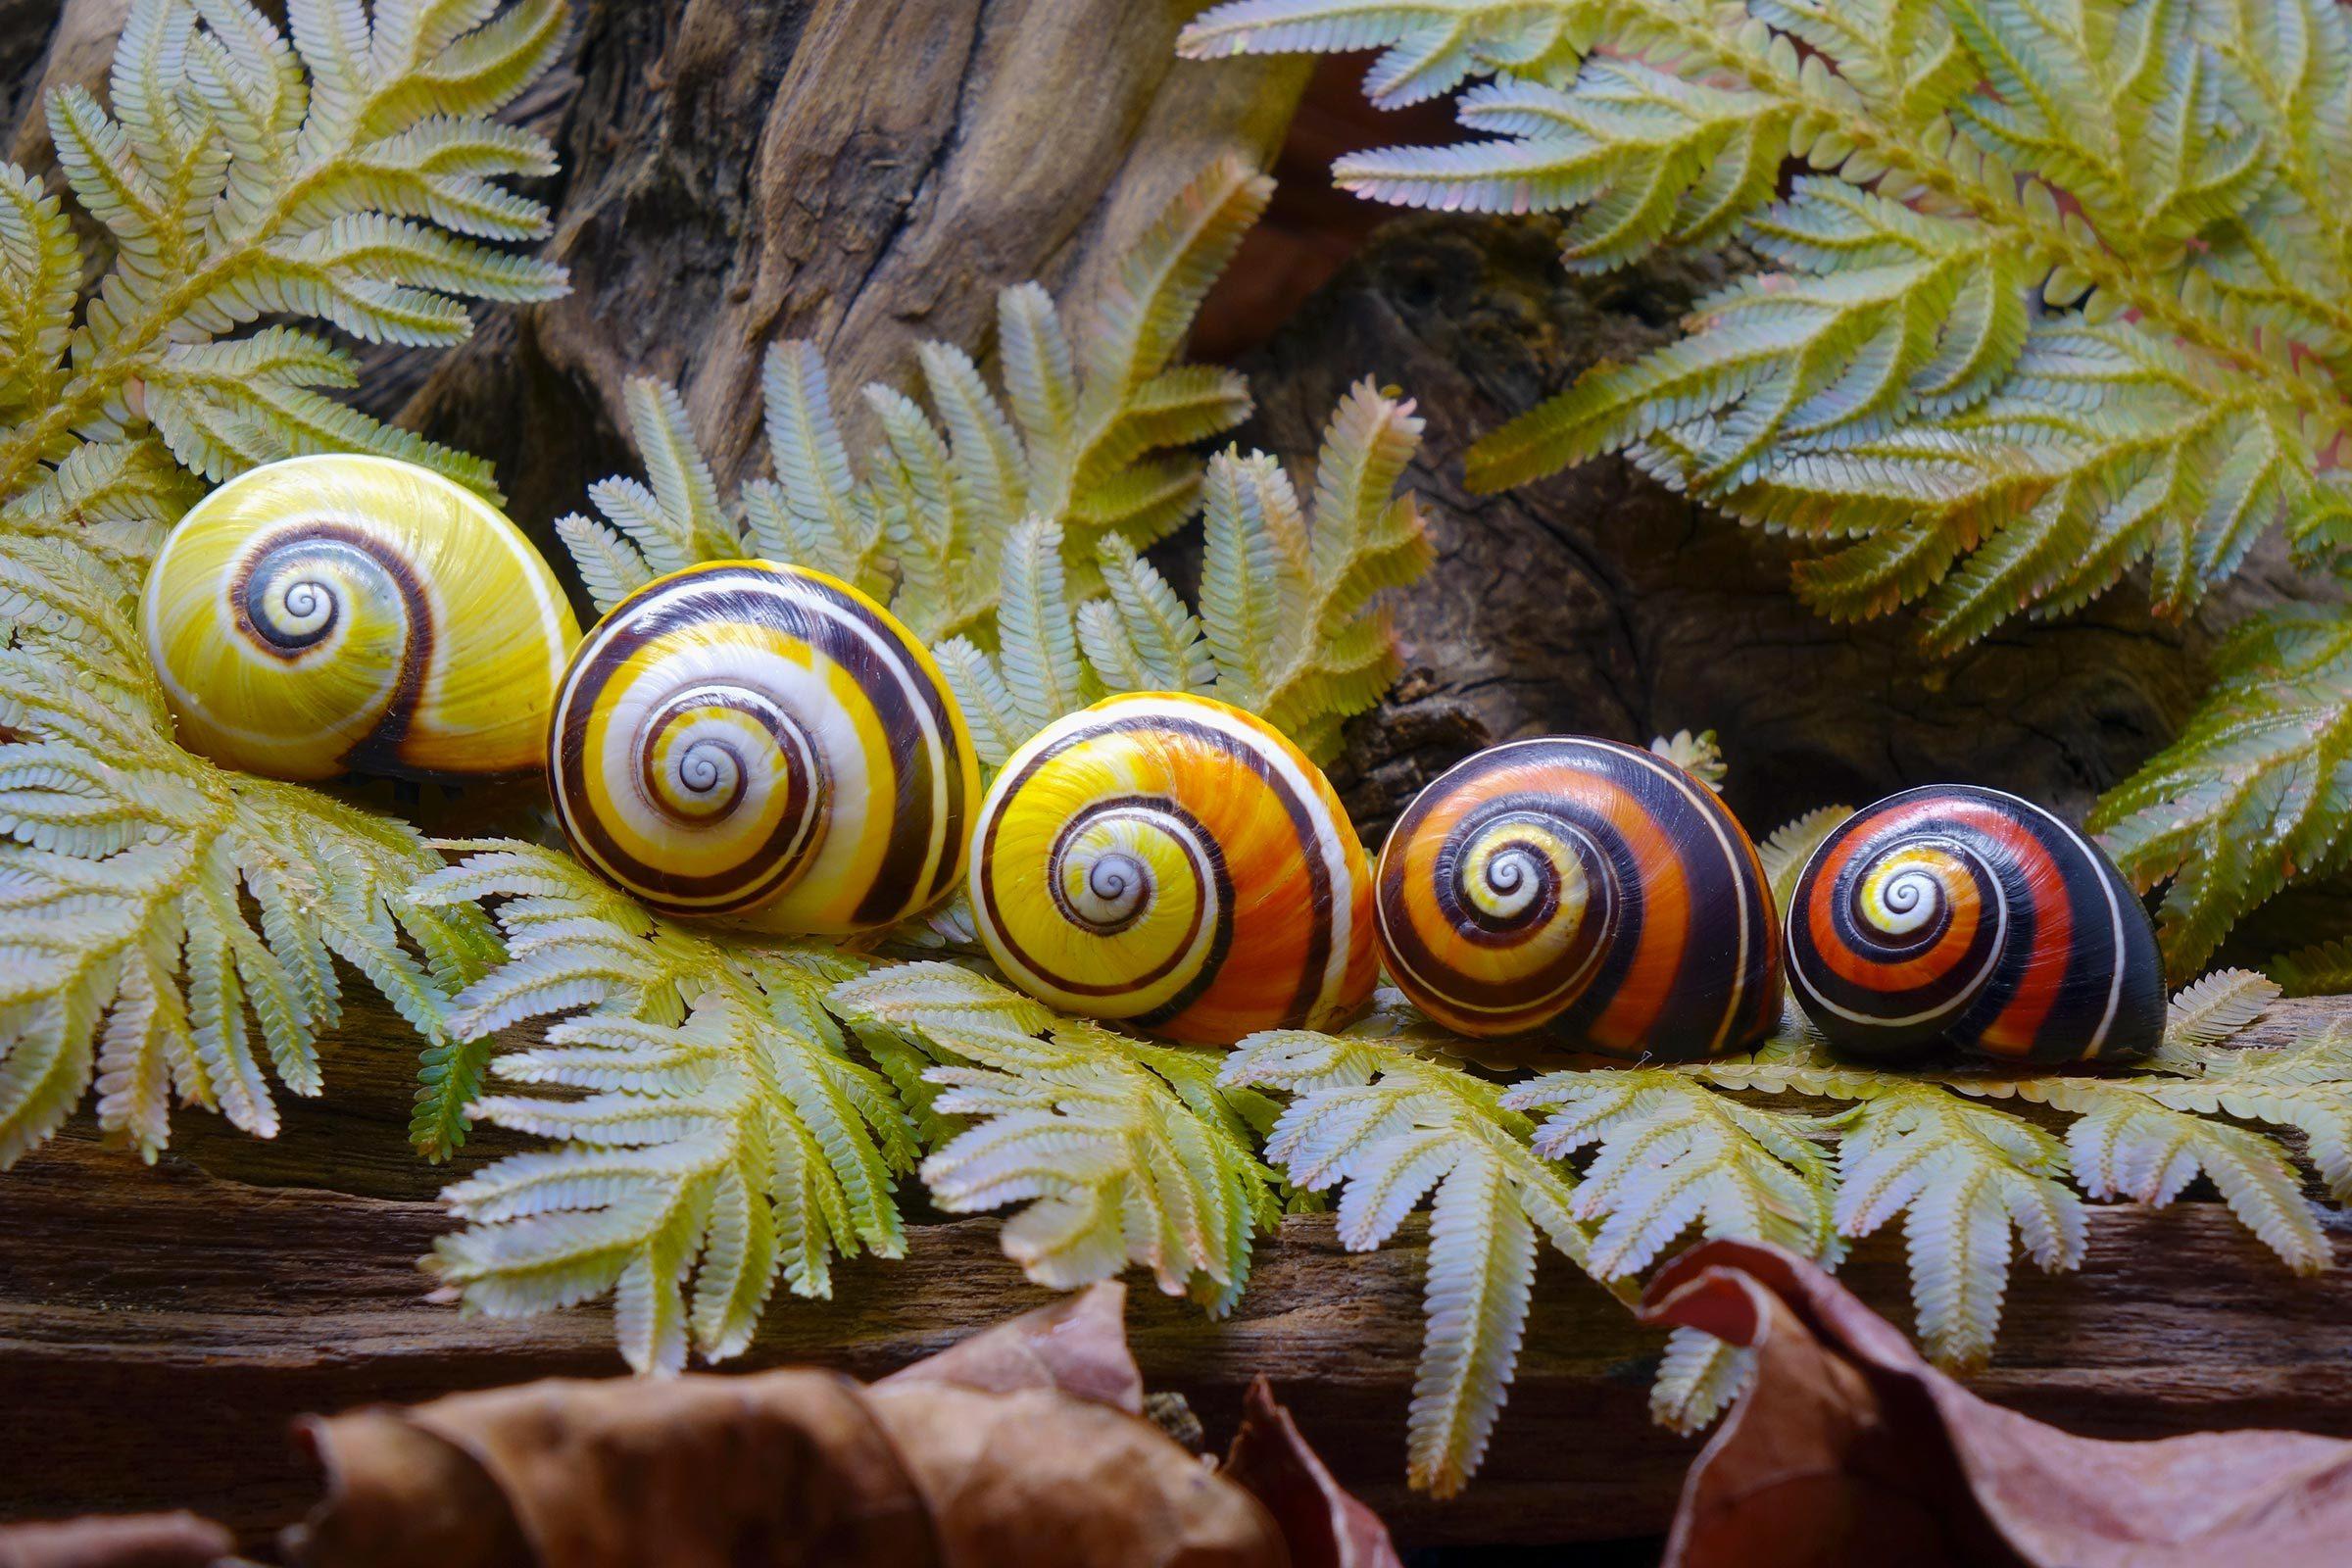 Espèces menacées : escargot peint de Cuba (Polymita picta)